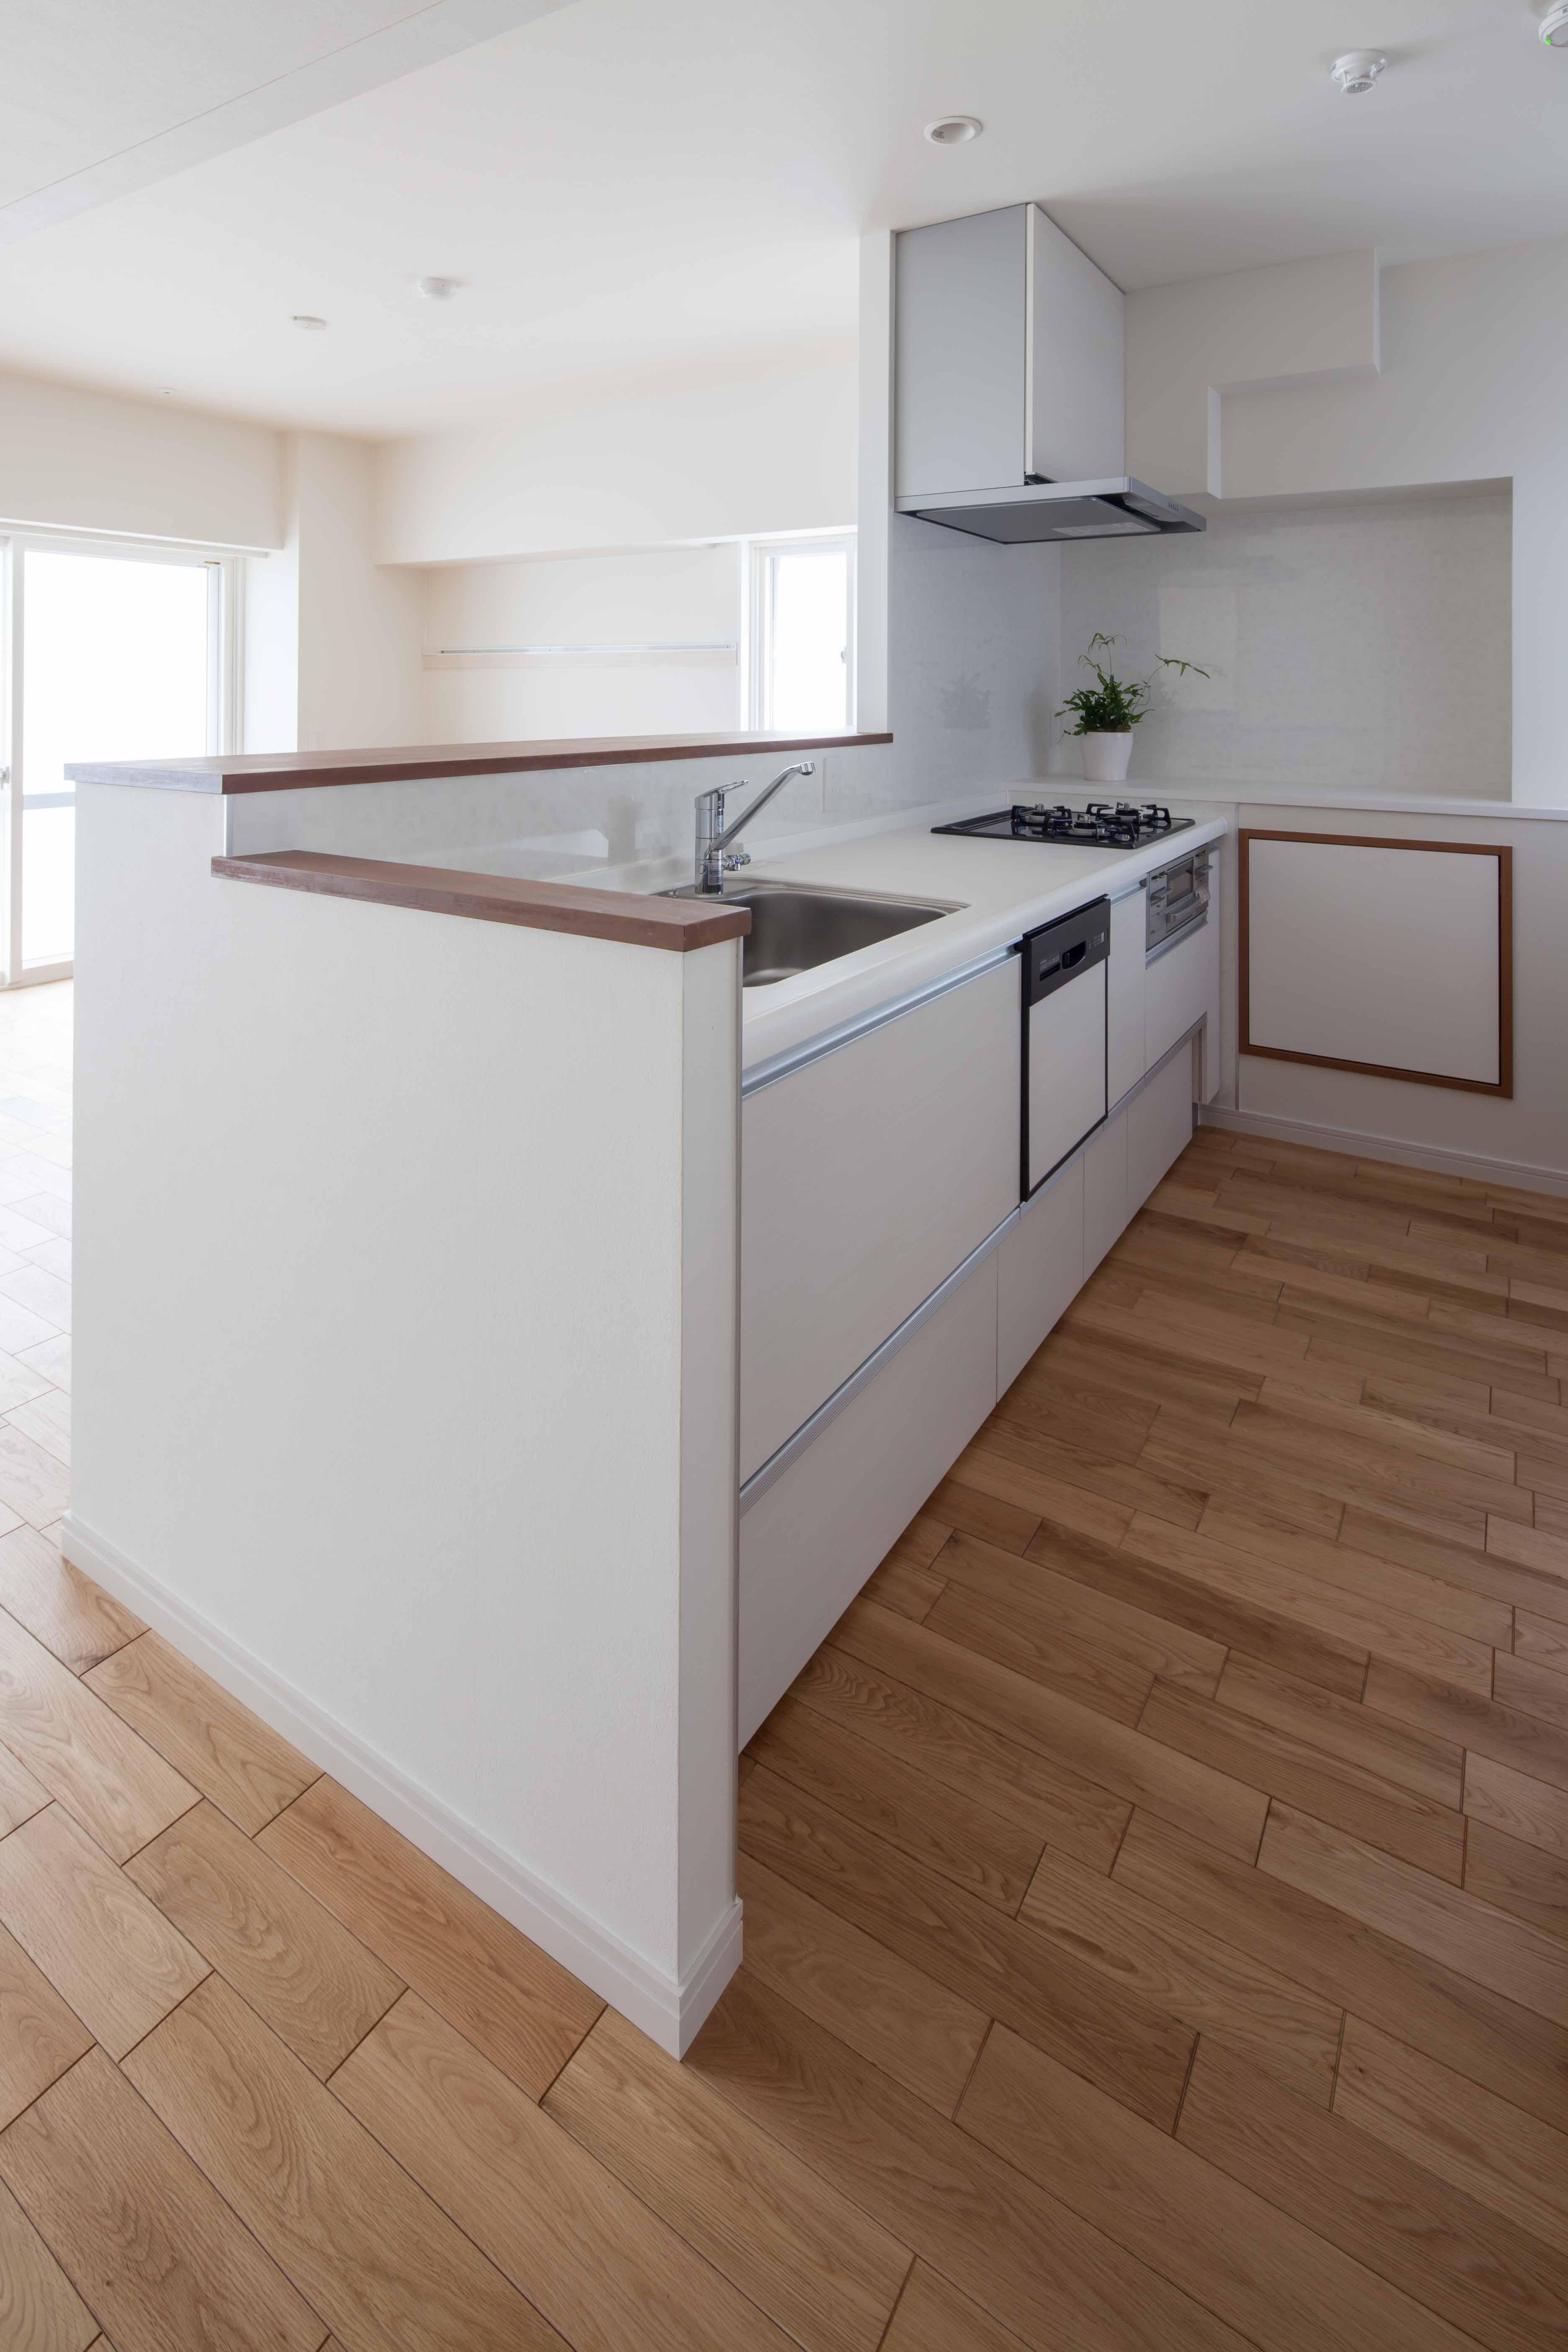 2つの風の通り道&自然素材の心地よさの写真 キッチンは風通しよく、明るいオープン型のカウンタータイプ